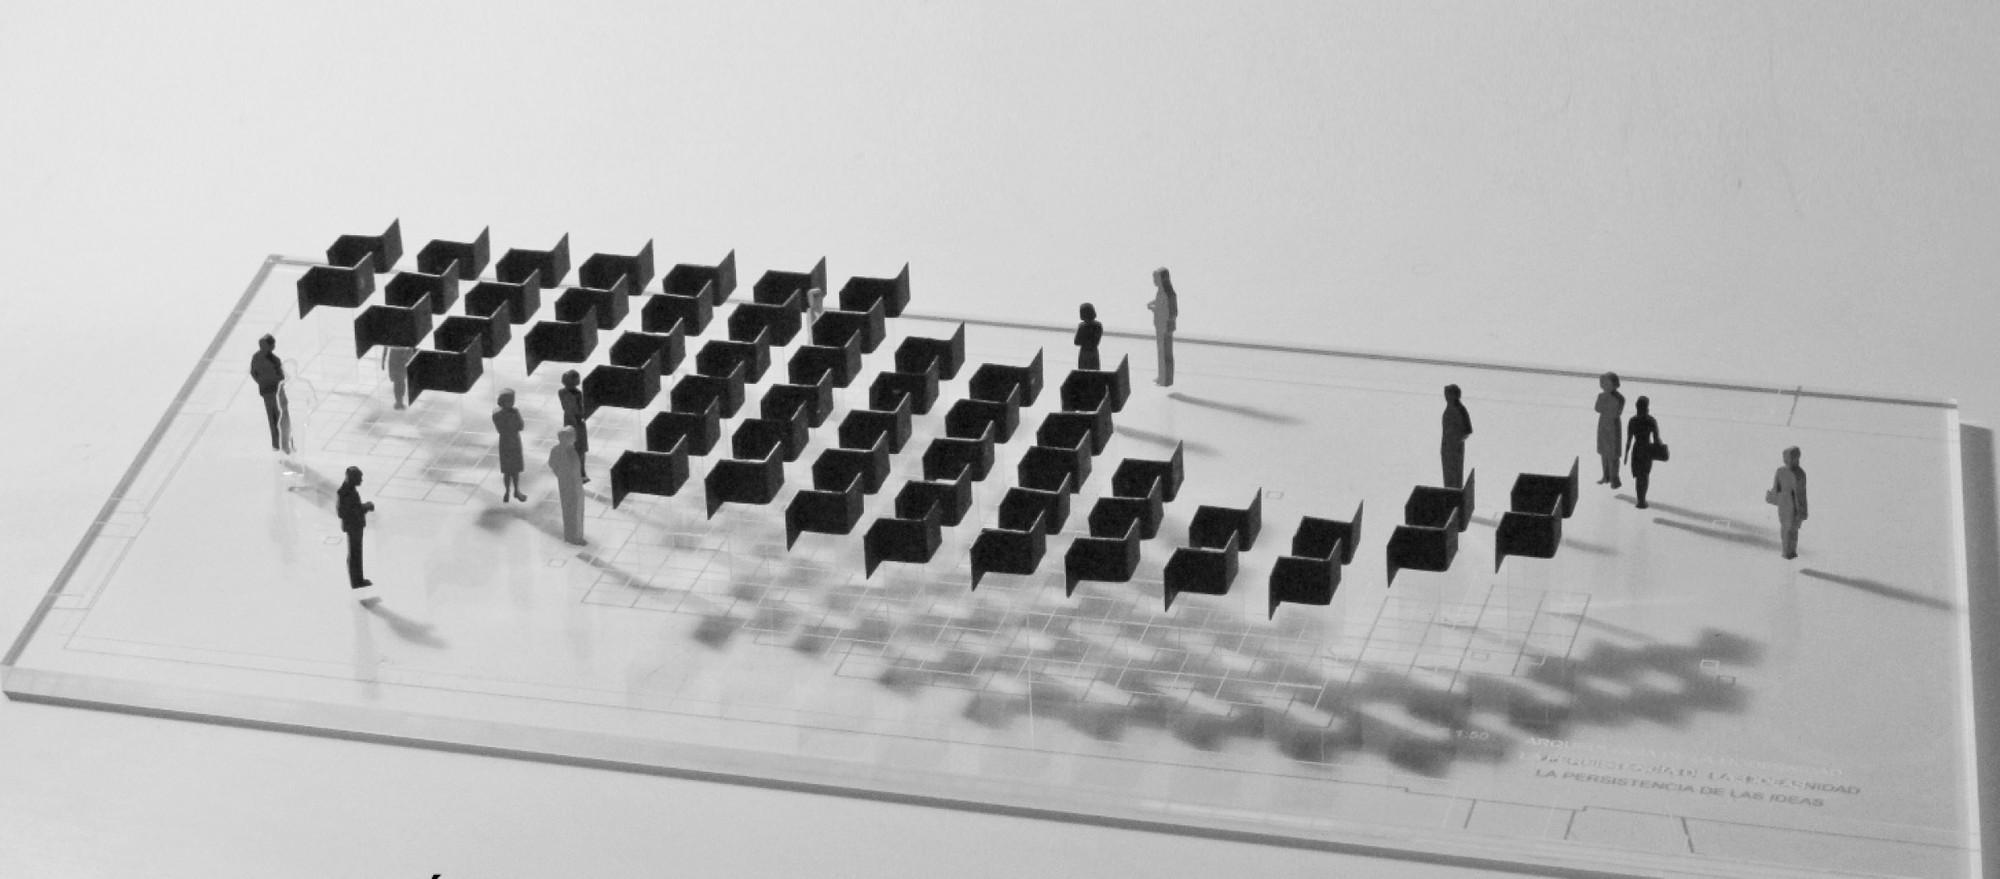 Segundo Lugar Pabellón de México en la 14ª Bienal de Arquitectura de Venecia / Arqueología de la modernidad, Courtesy of Lucía Villers, Juan José Kochen y Alberto Odériz